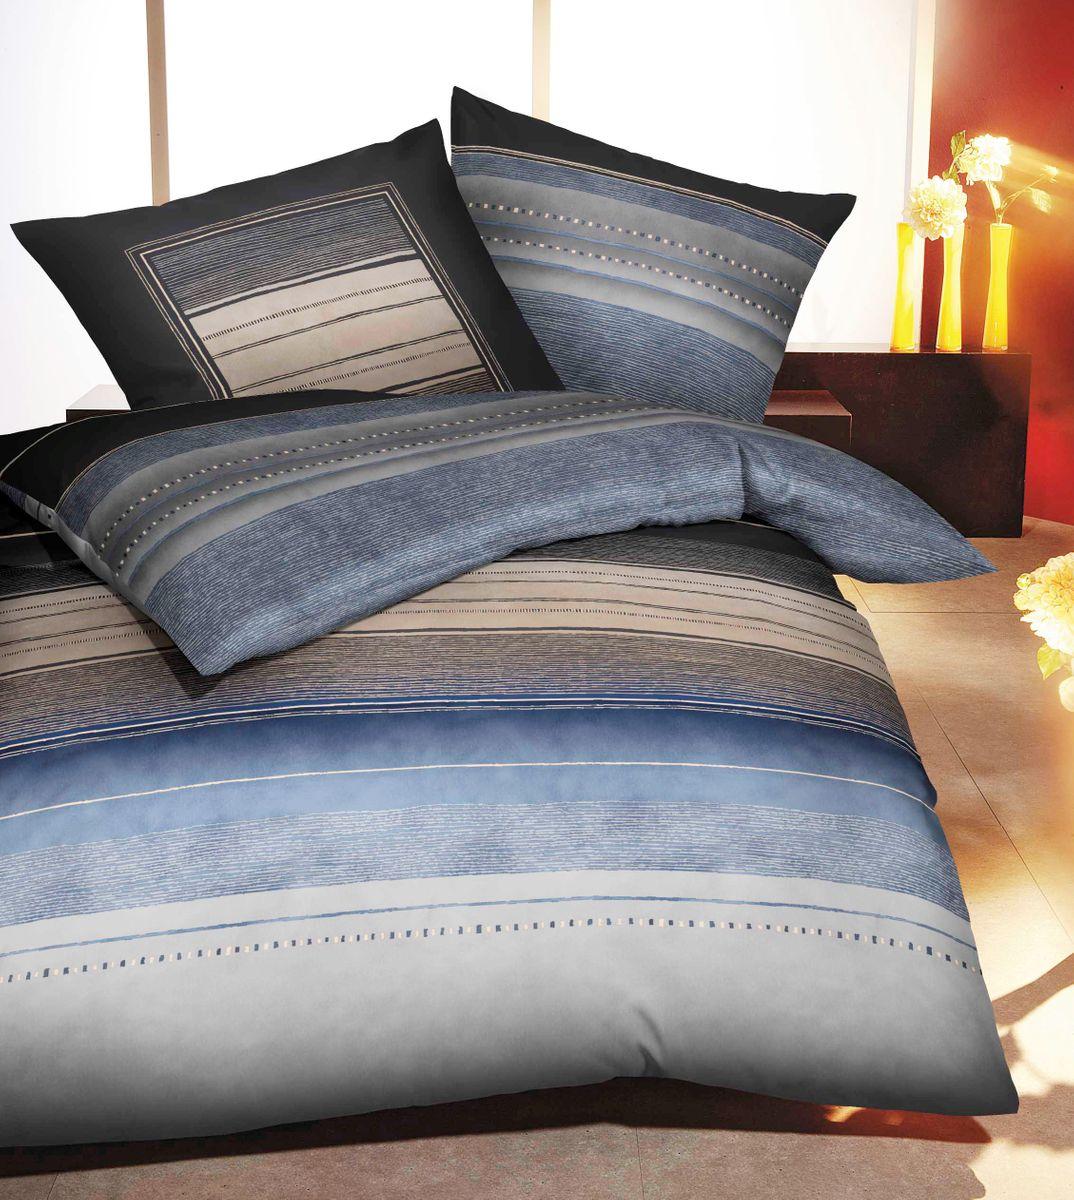 kaeppel biber bettw sche dawn streifen indigo blau grau. Black Bedroom Furniture Sets. Home Design Ideas